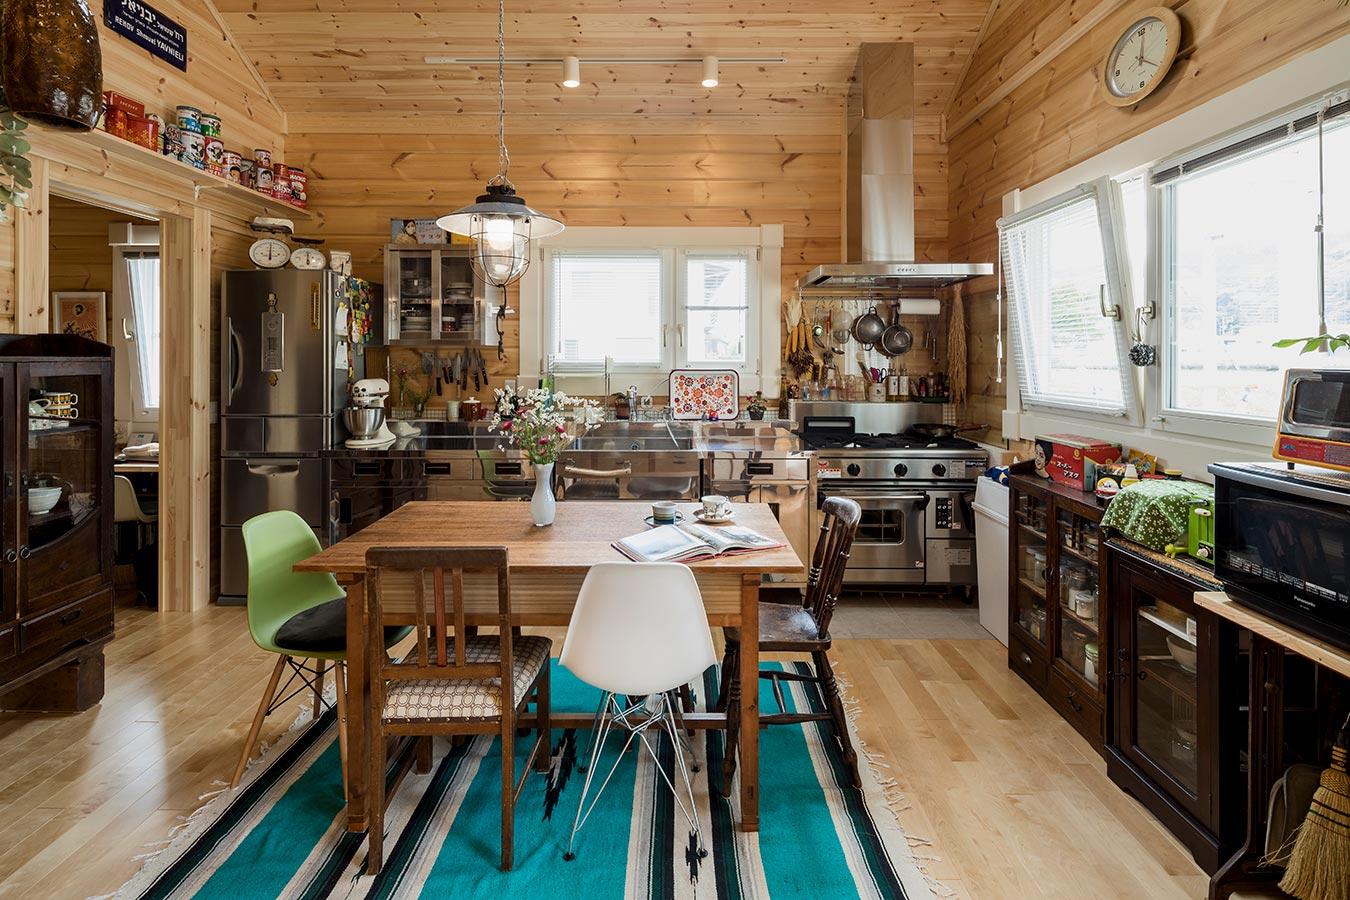 業務用キャビネットや古い茶箪笥などがにぎやかに並ぶキッチン。左奥には家事と収納スペースを備えています。